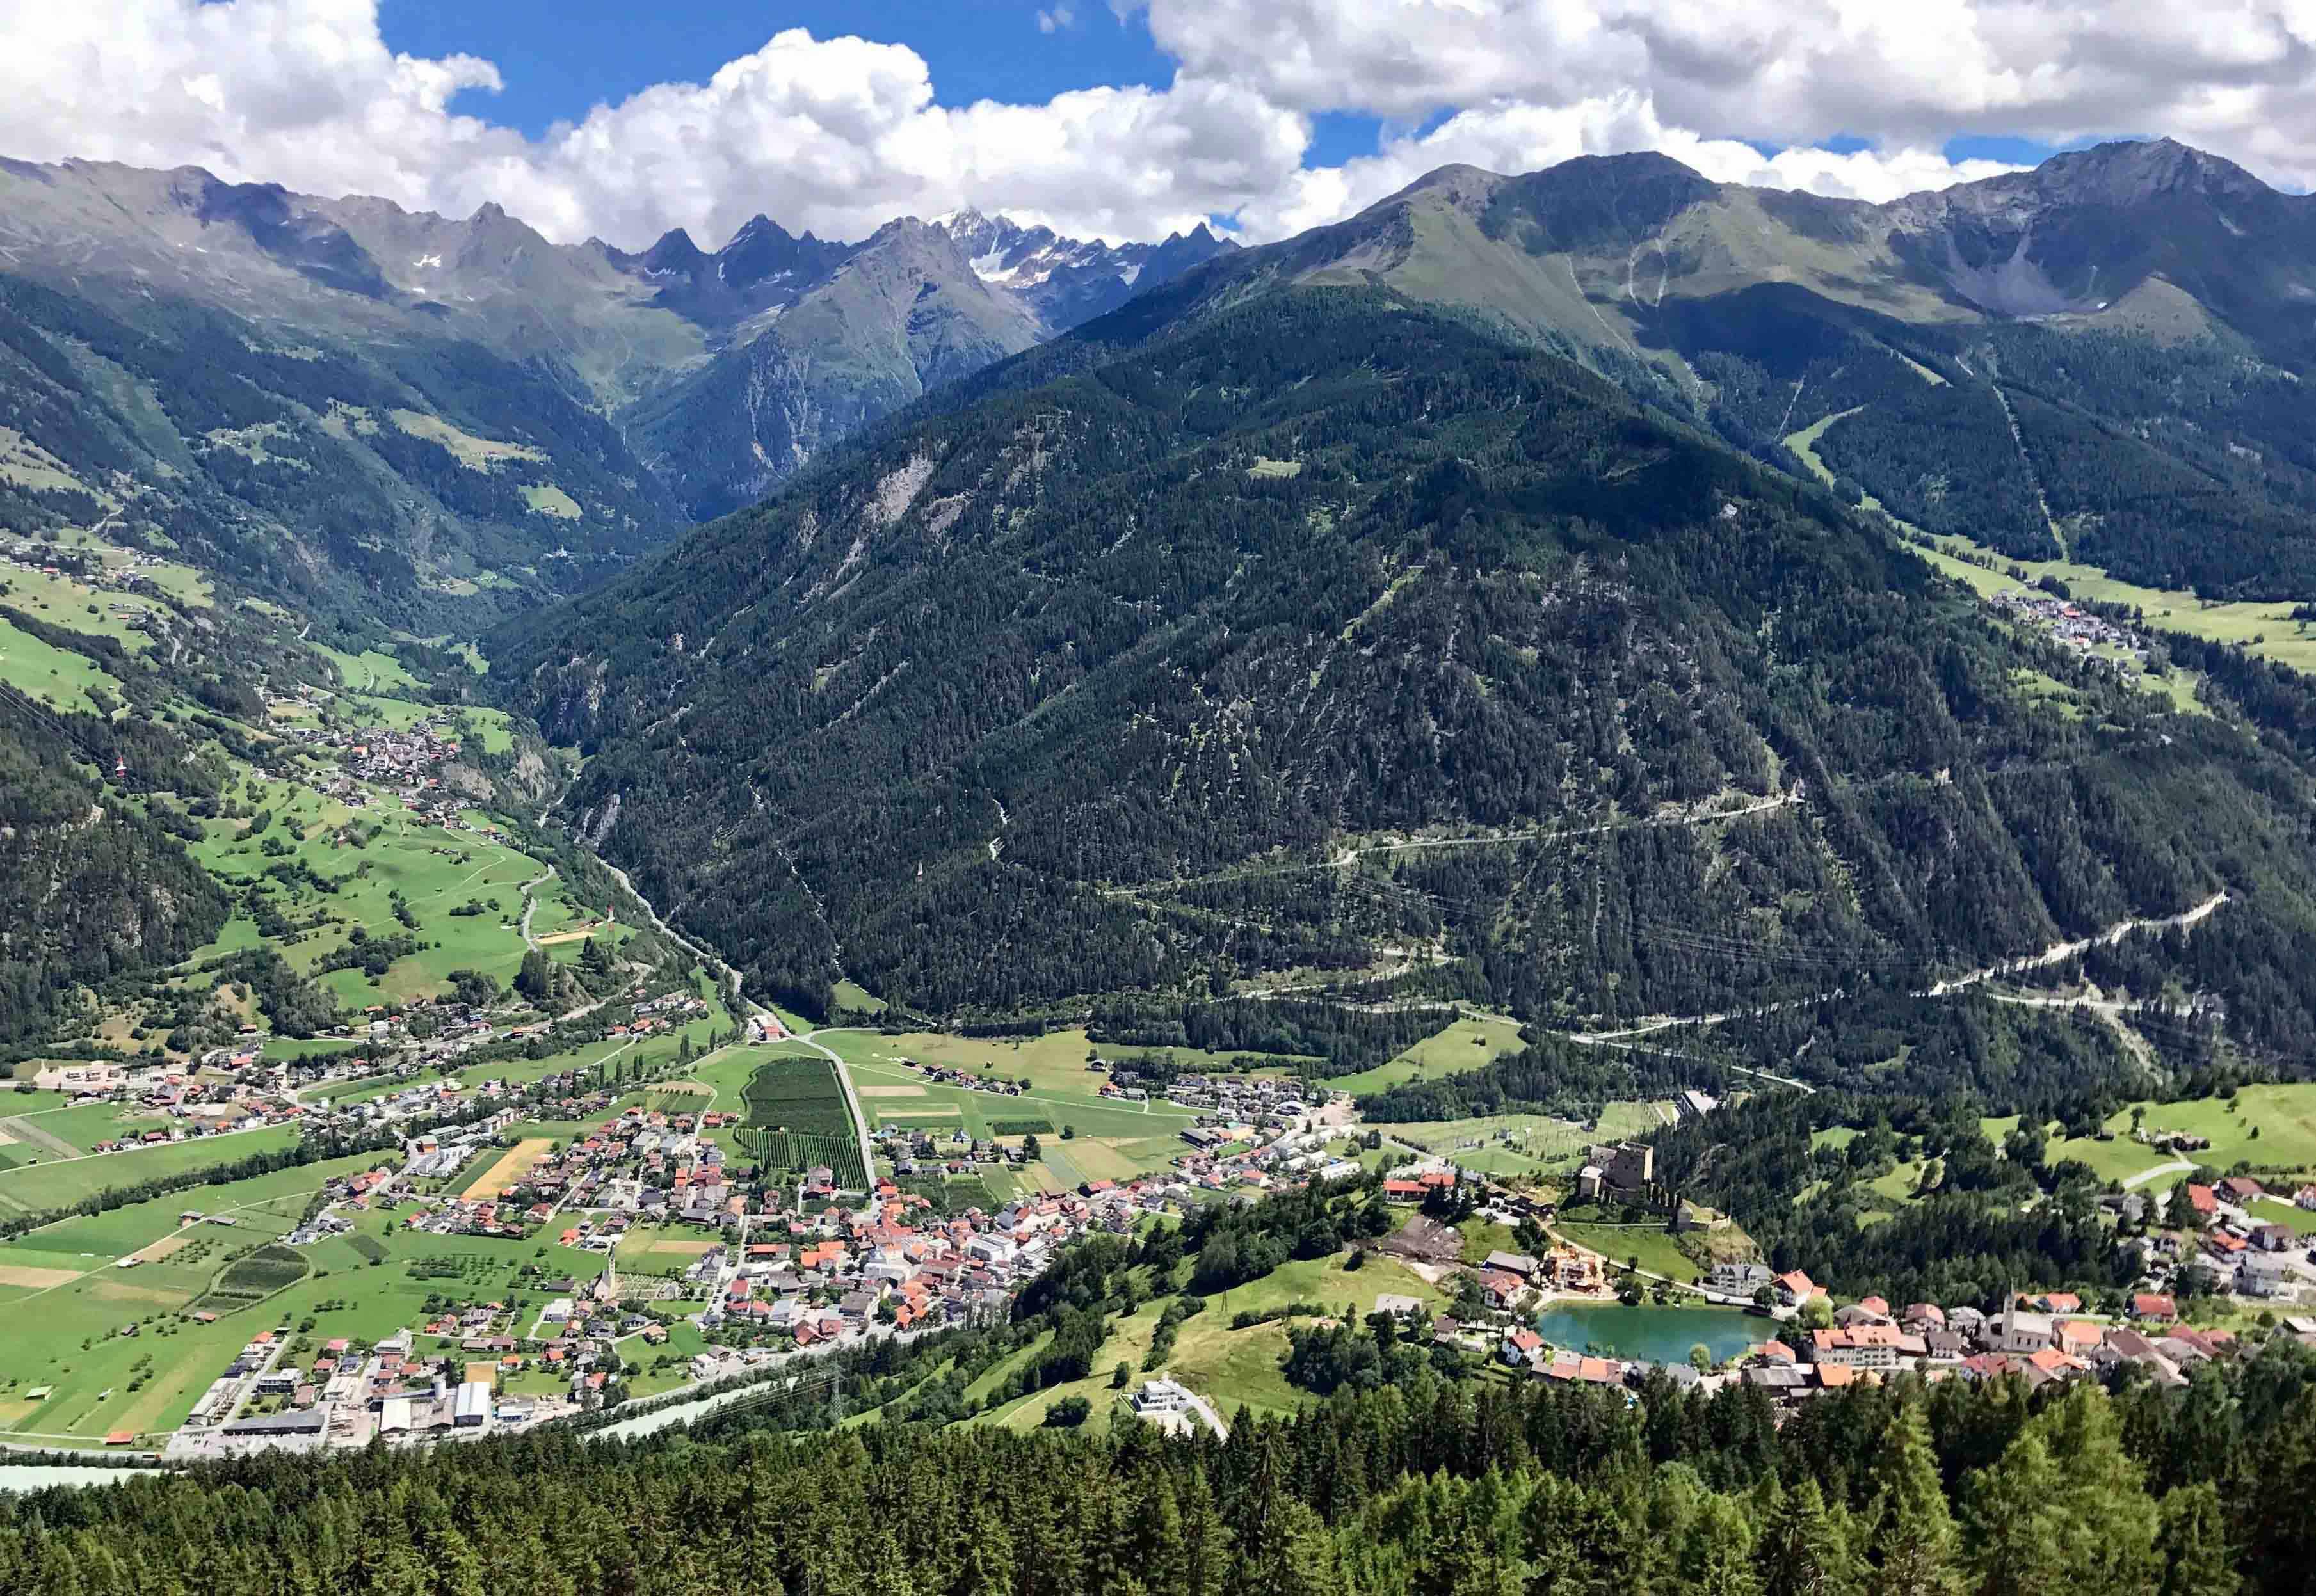 Sommerurlaub in den Tiroler Alpen Serfaus- Fiss- Ladis vom 22.09.-28.09.2019